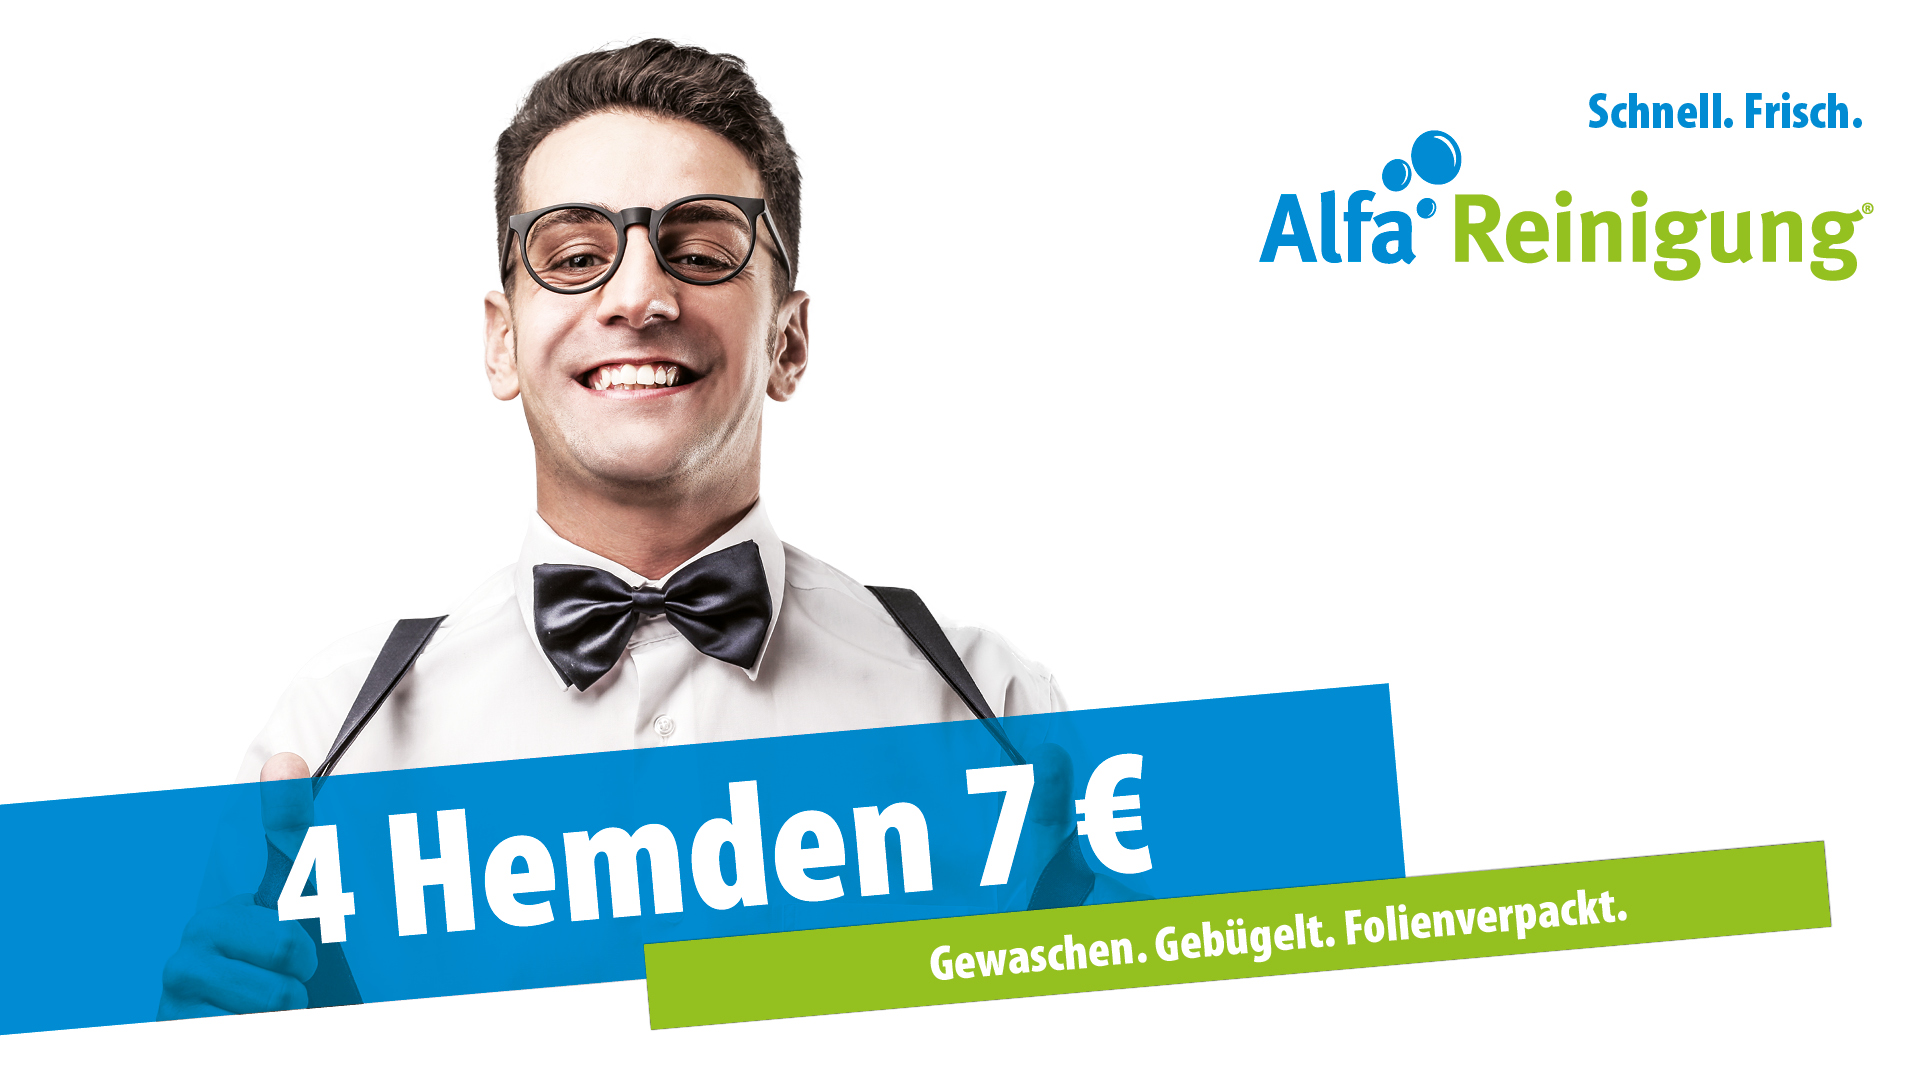 ALF-Screen-4Hemden7